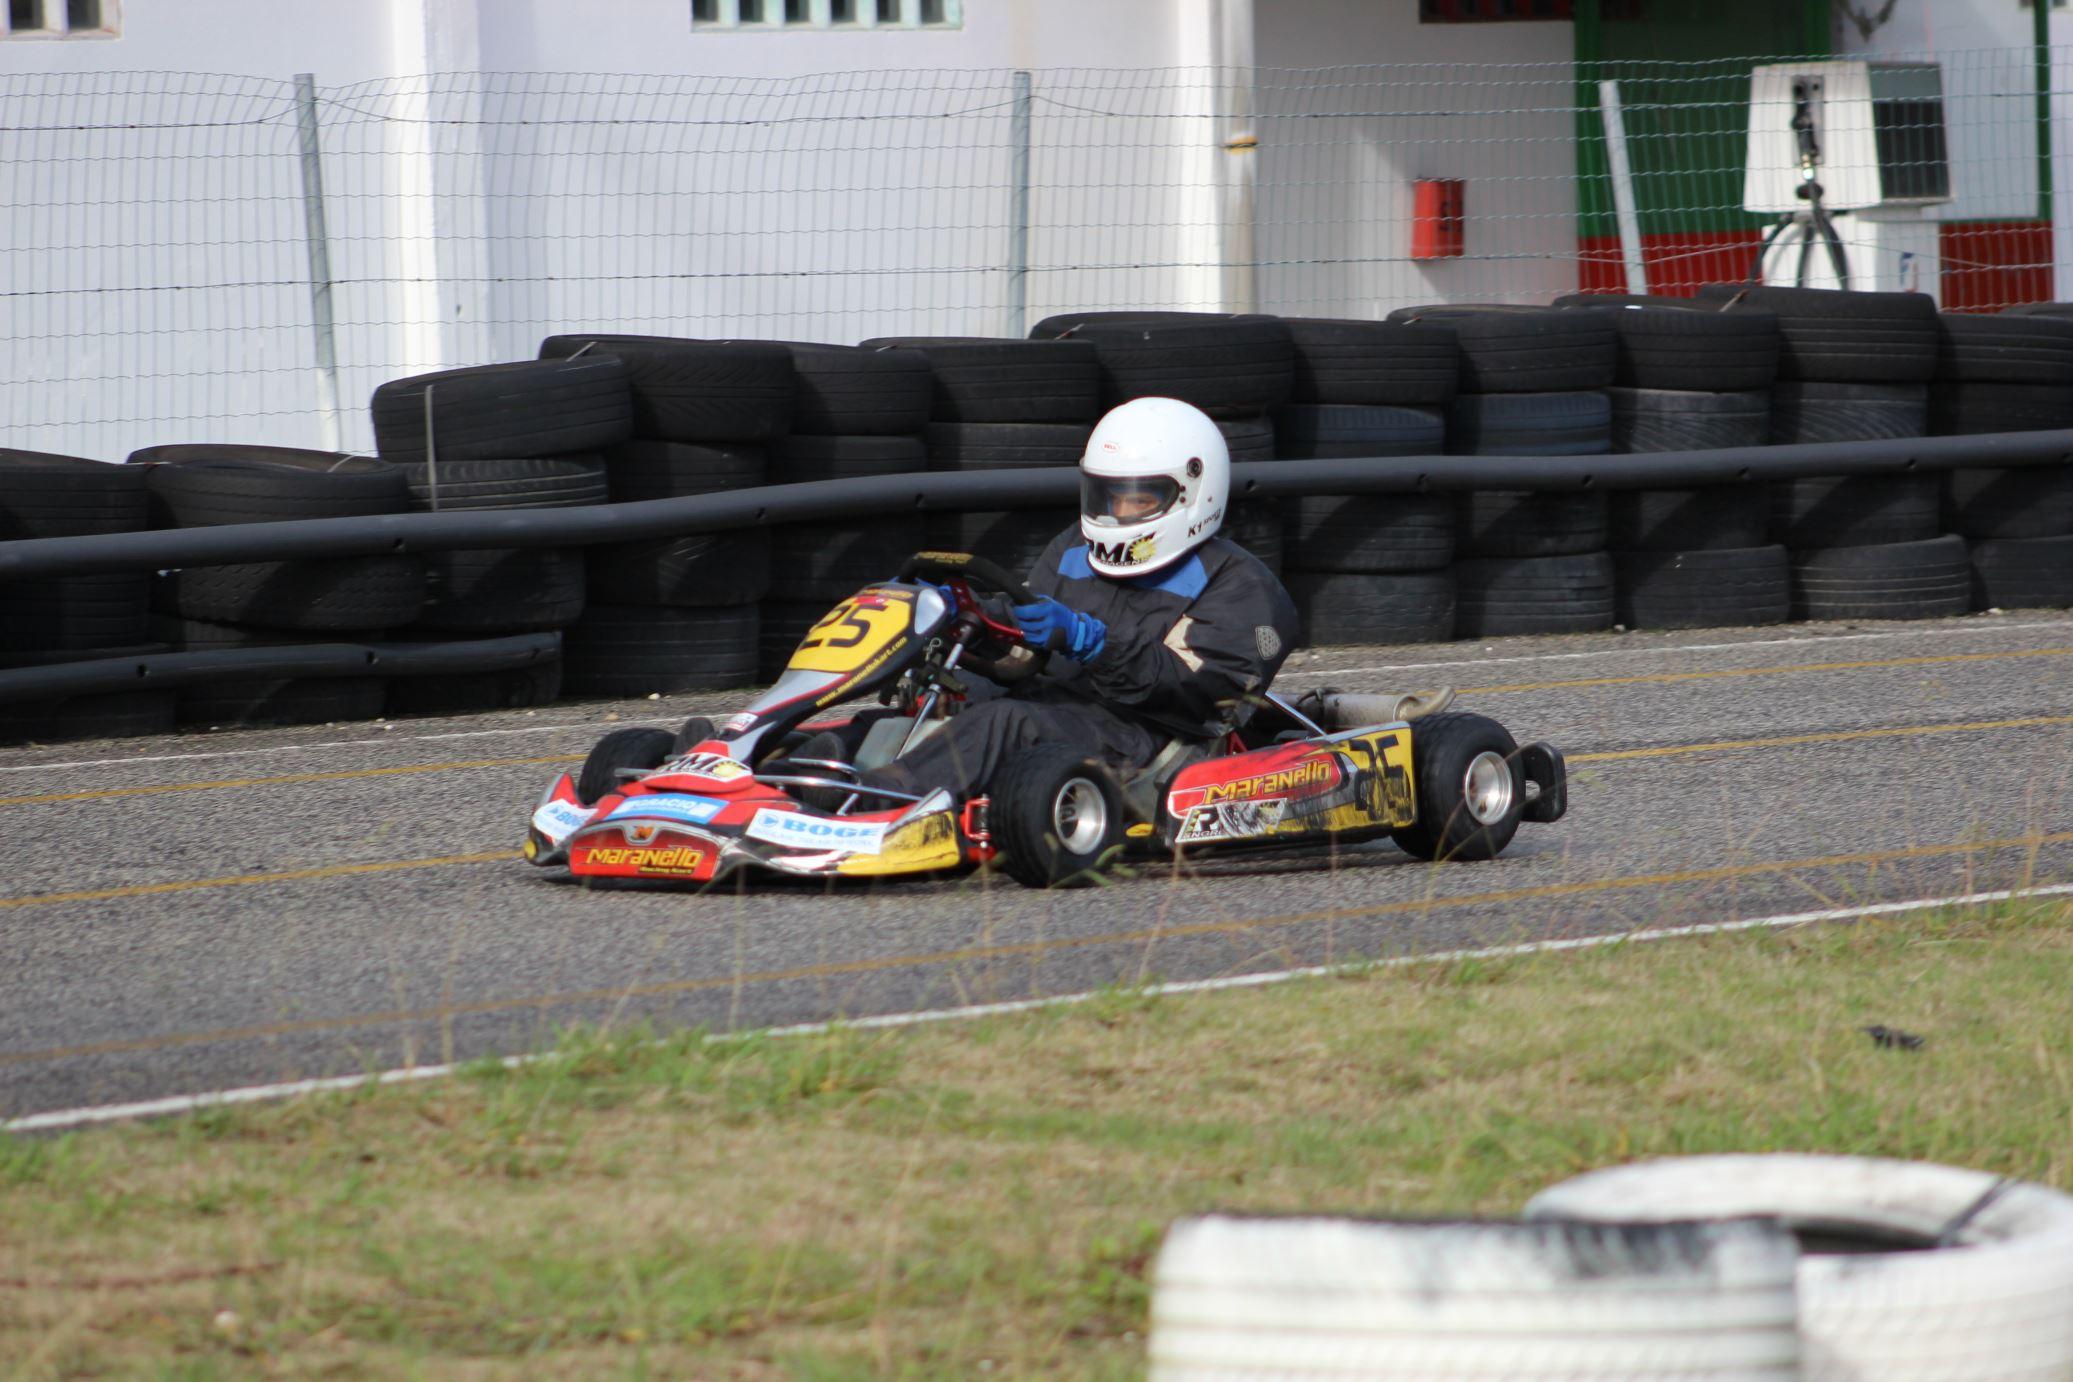 Troféu Honda 2014 - 5ª Prova174